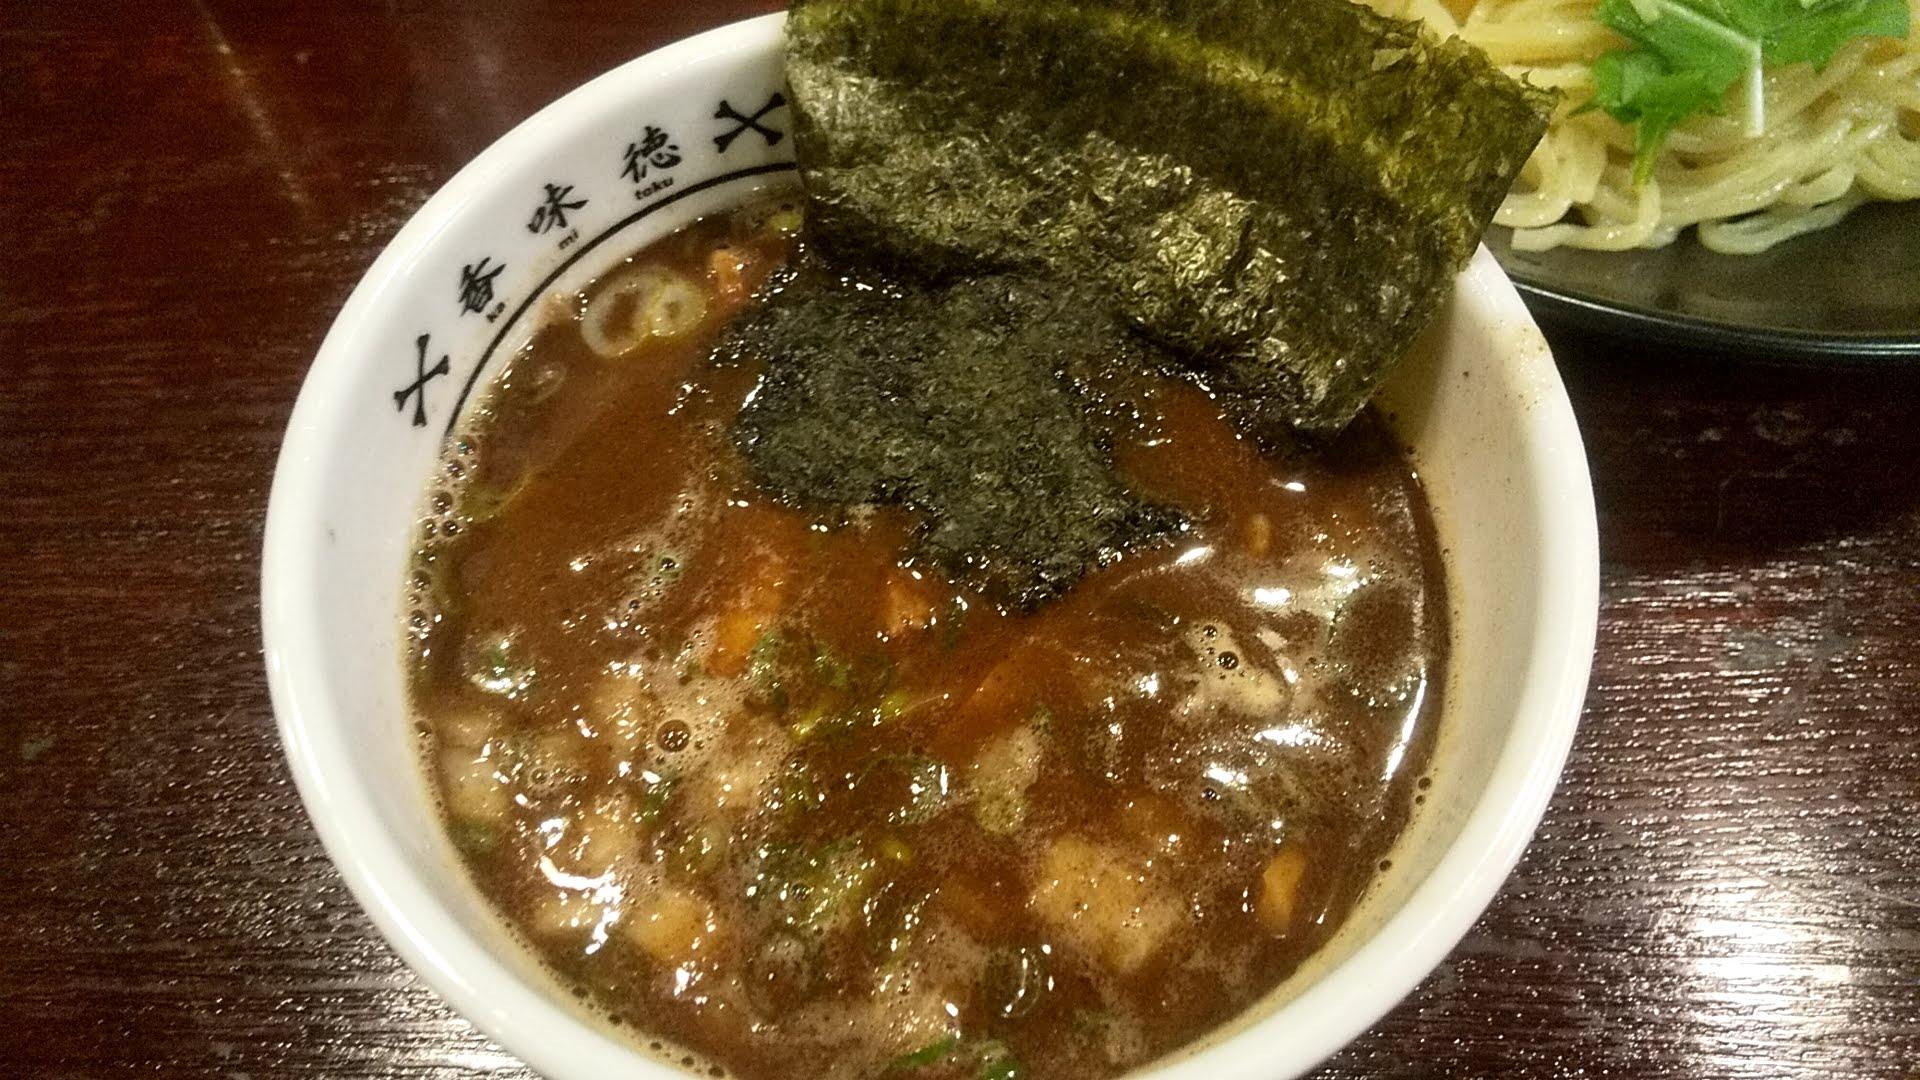 香味徳の魚介つけ麺のつけ汁